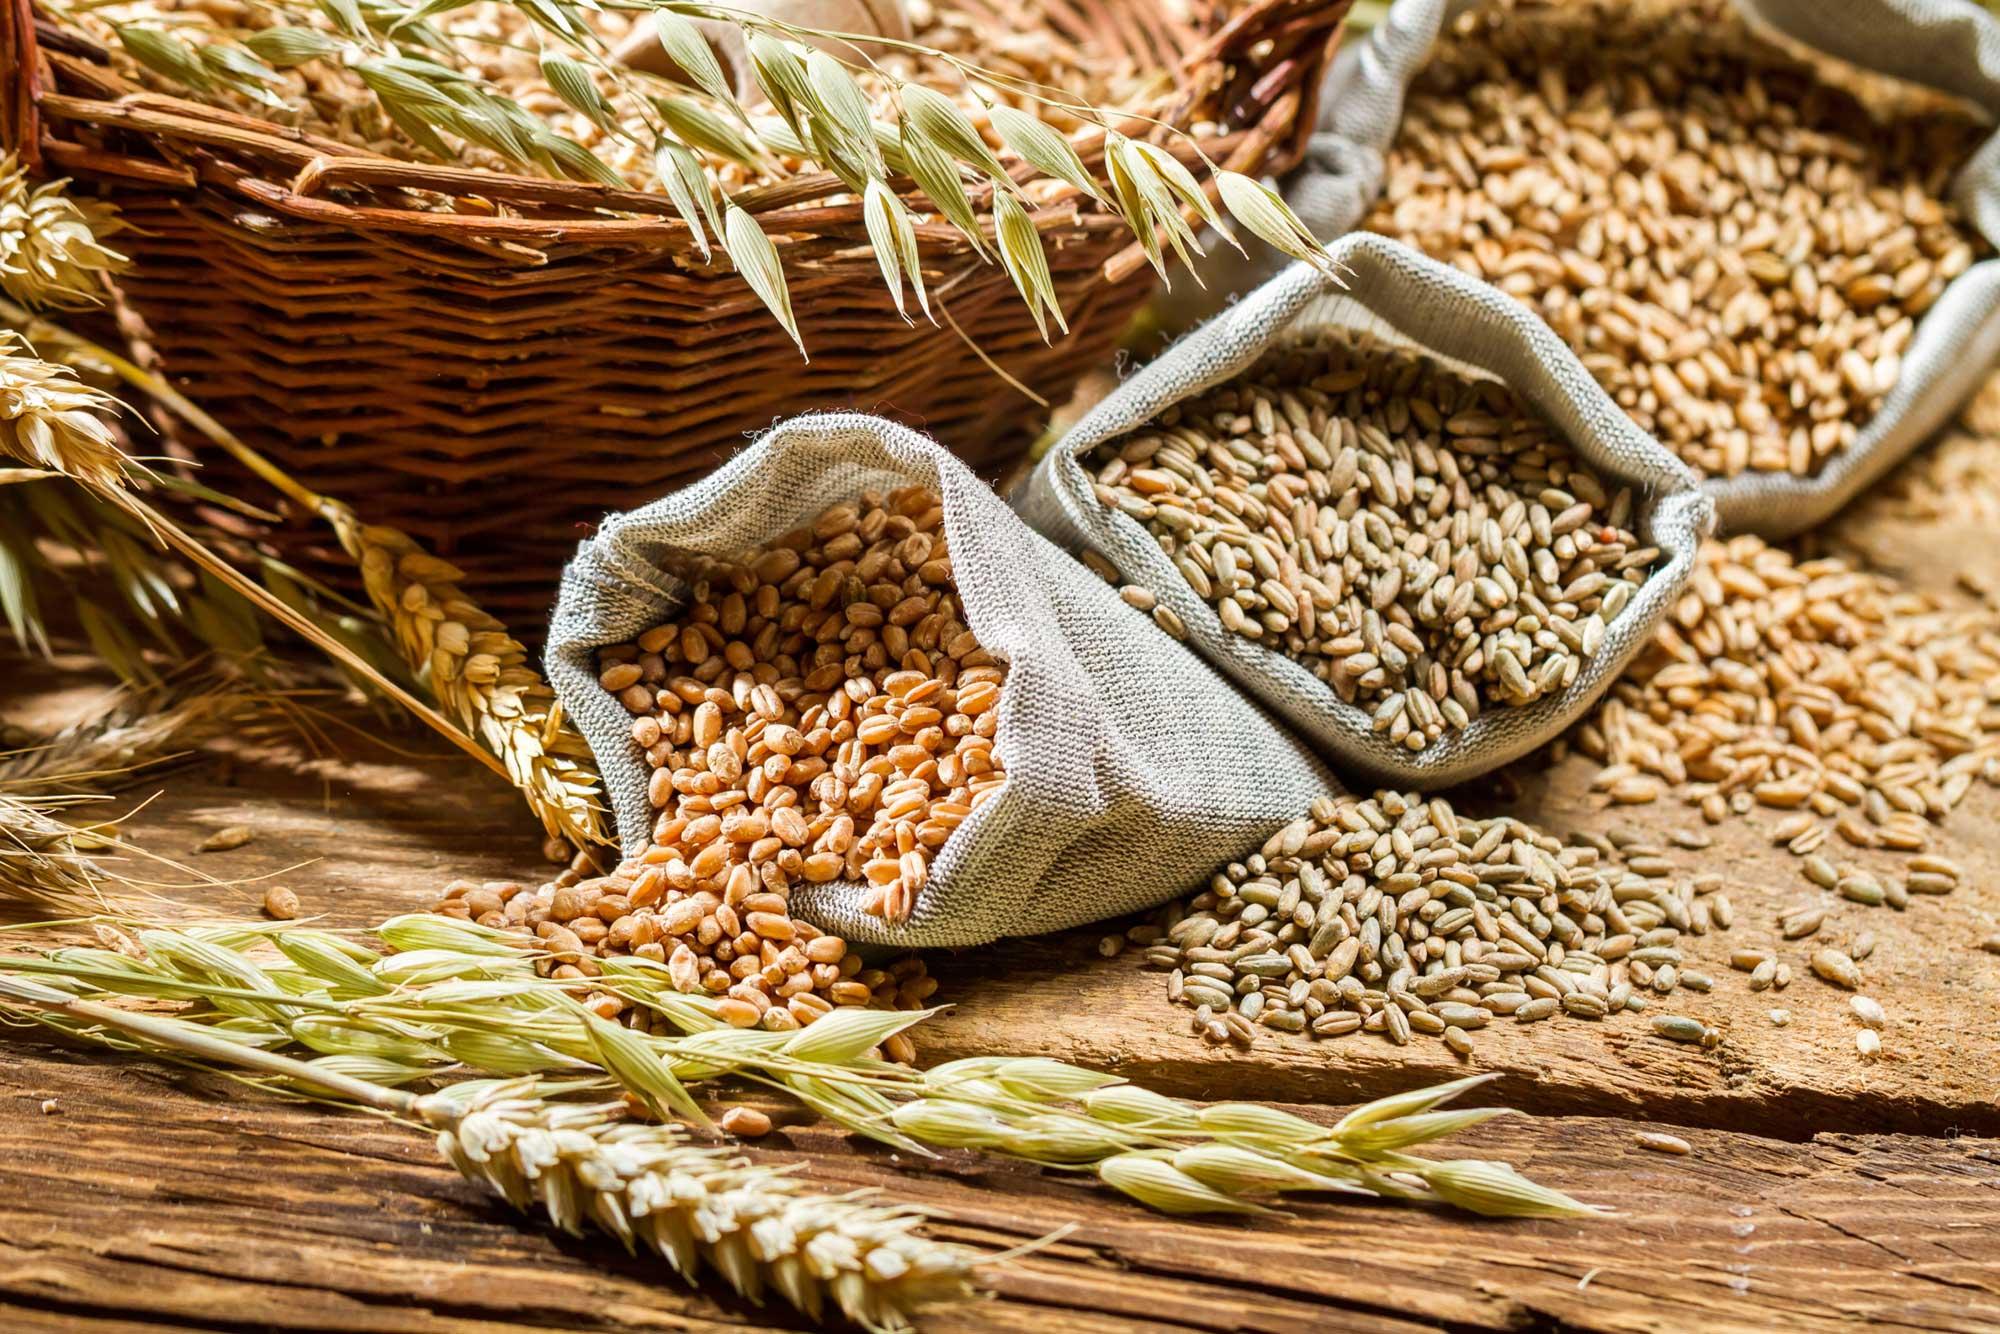 Comer granos integrales para una vida más larga